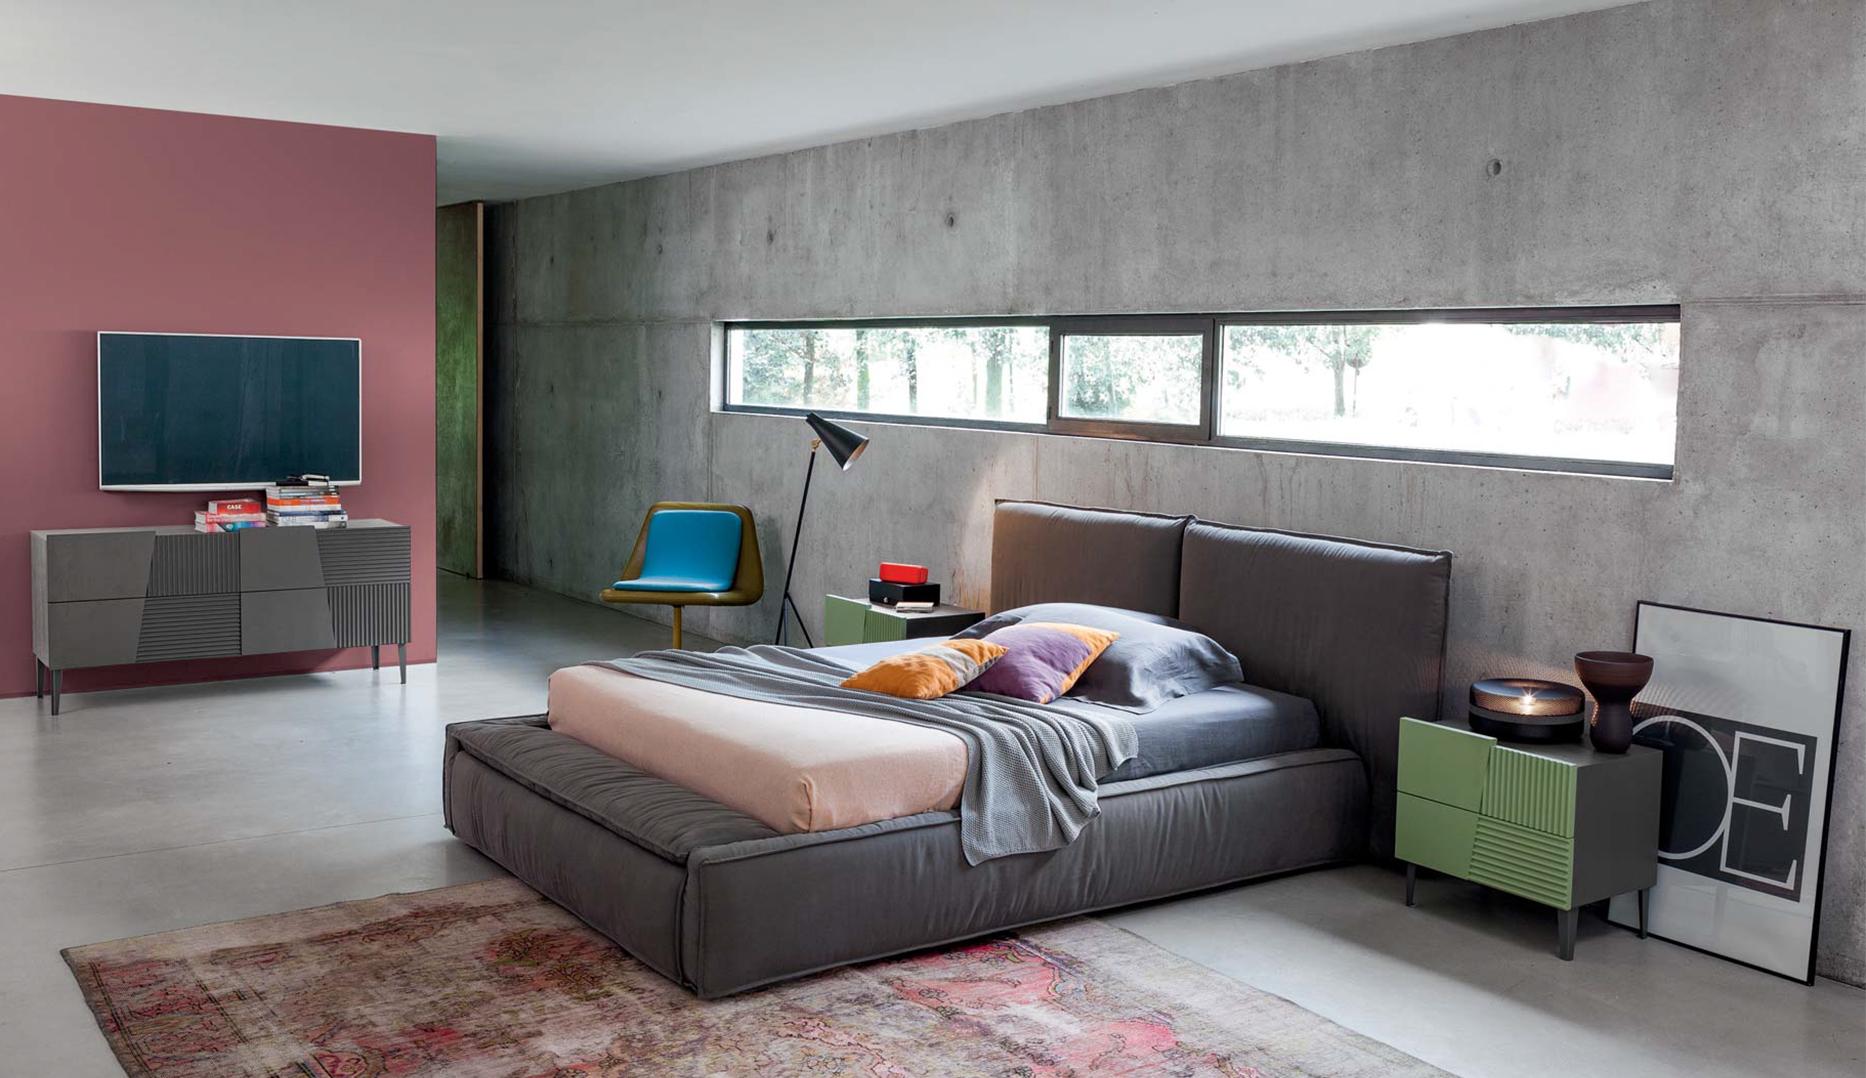 Dormitorio retro morgan ii en - Baules tapizados dormitorio ...